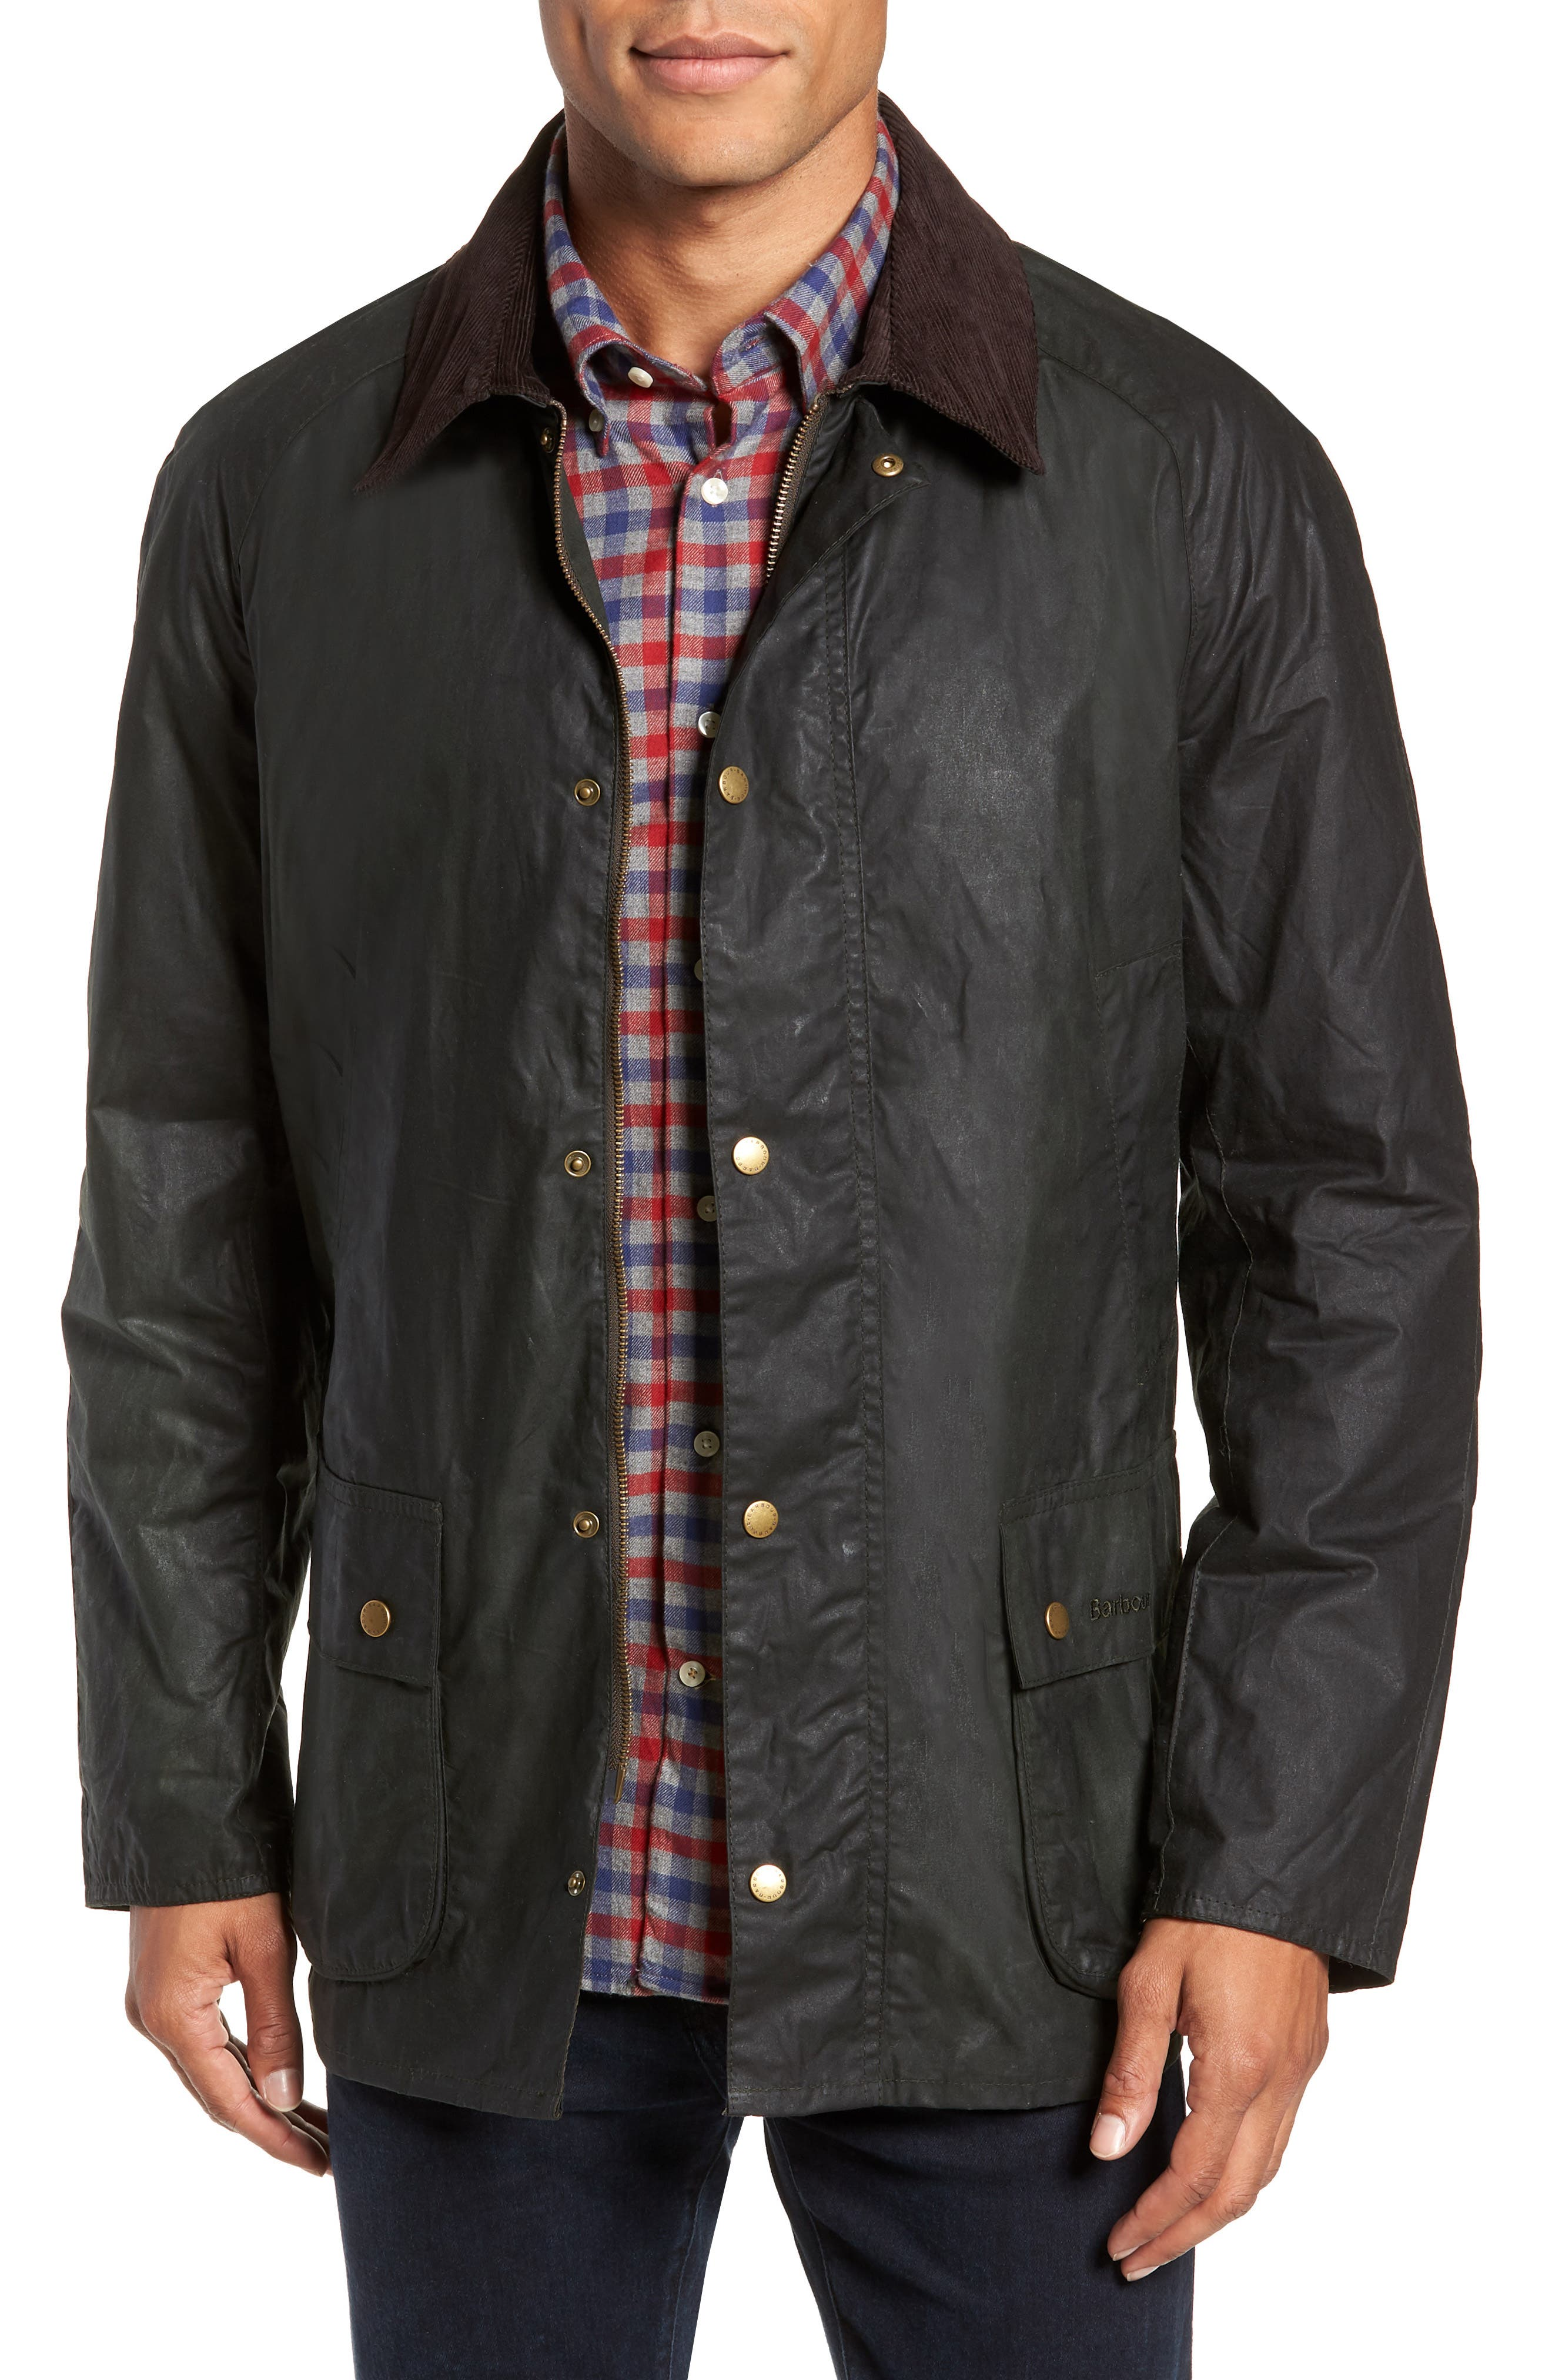 Barbour Lightweight Ashby Wax Jacket